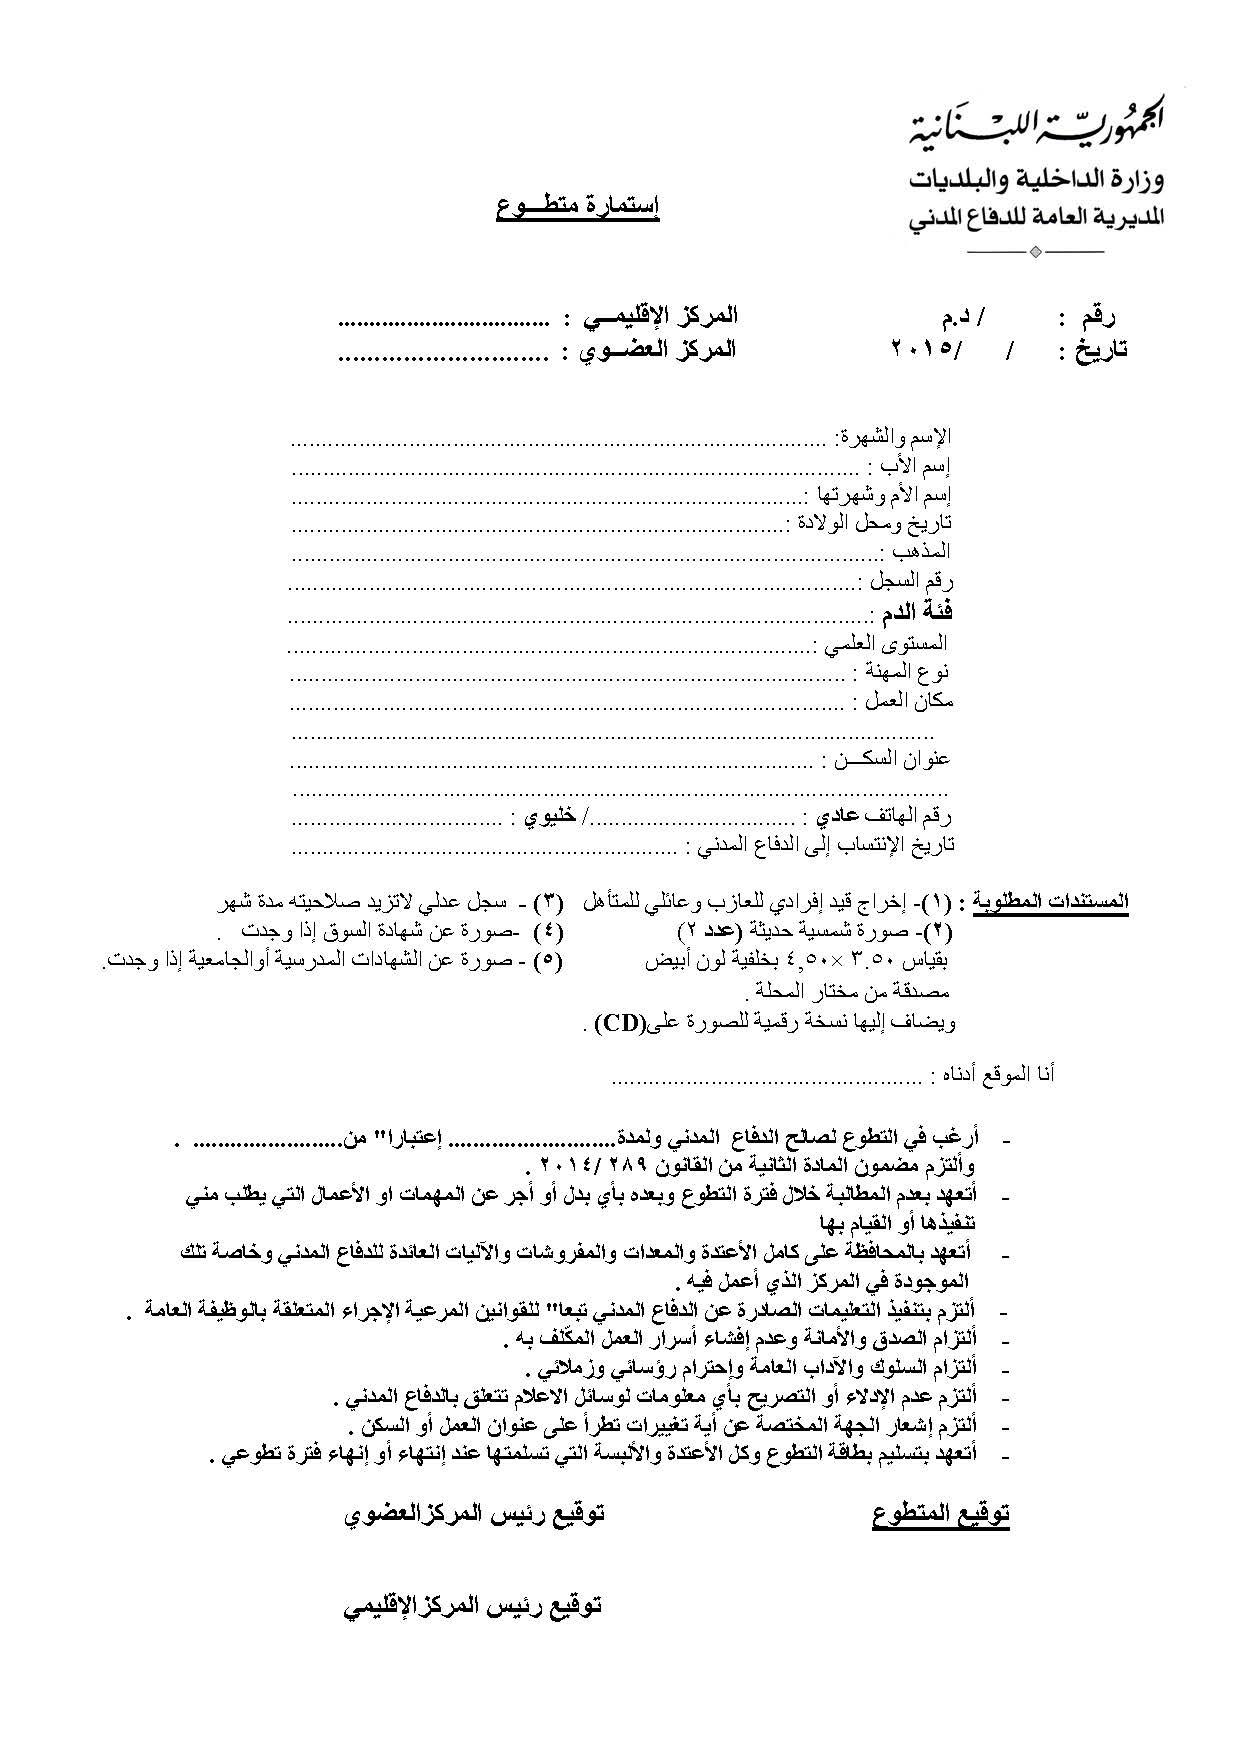 الموقع الرسمي للمديرية العامة للدفاع المدني الجمهورية اللبنانية إستمارة تطوع